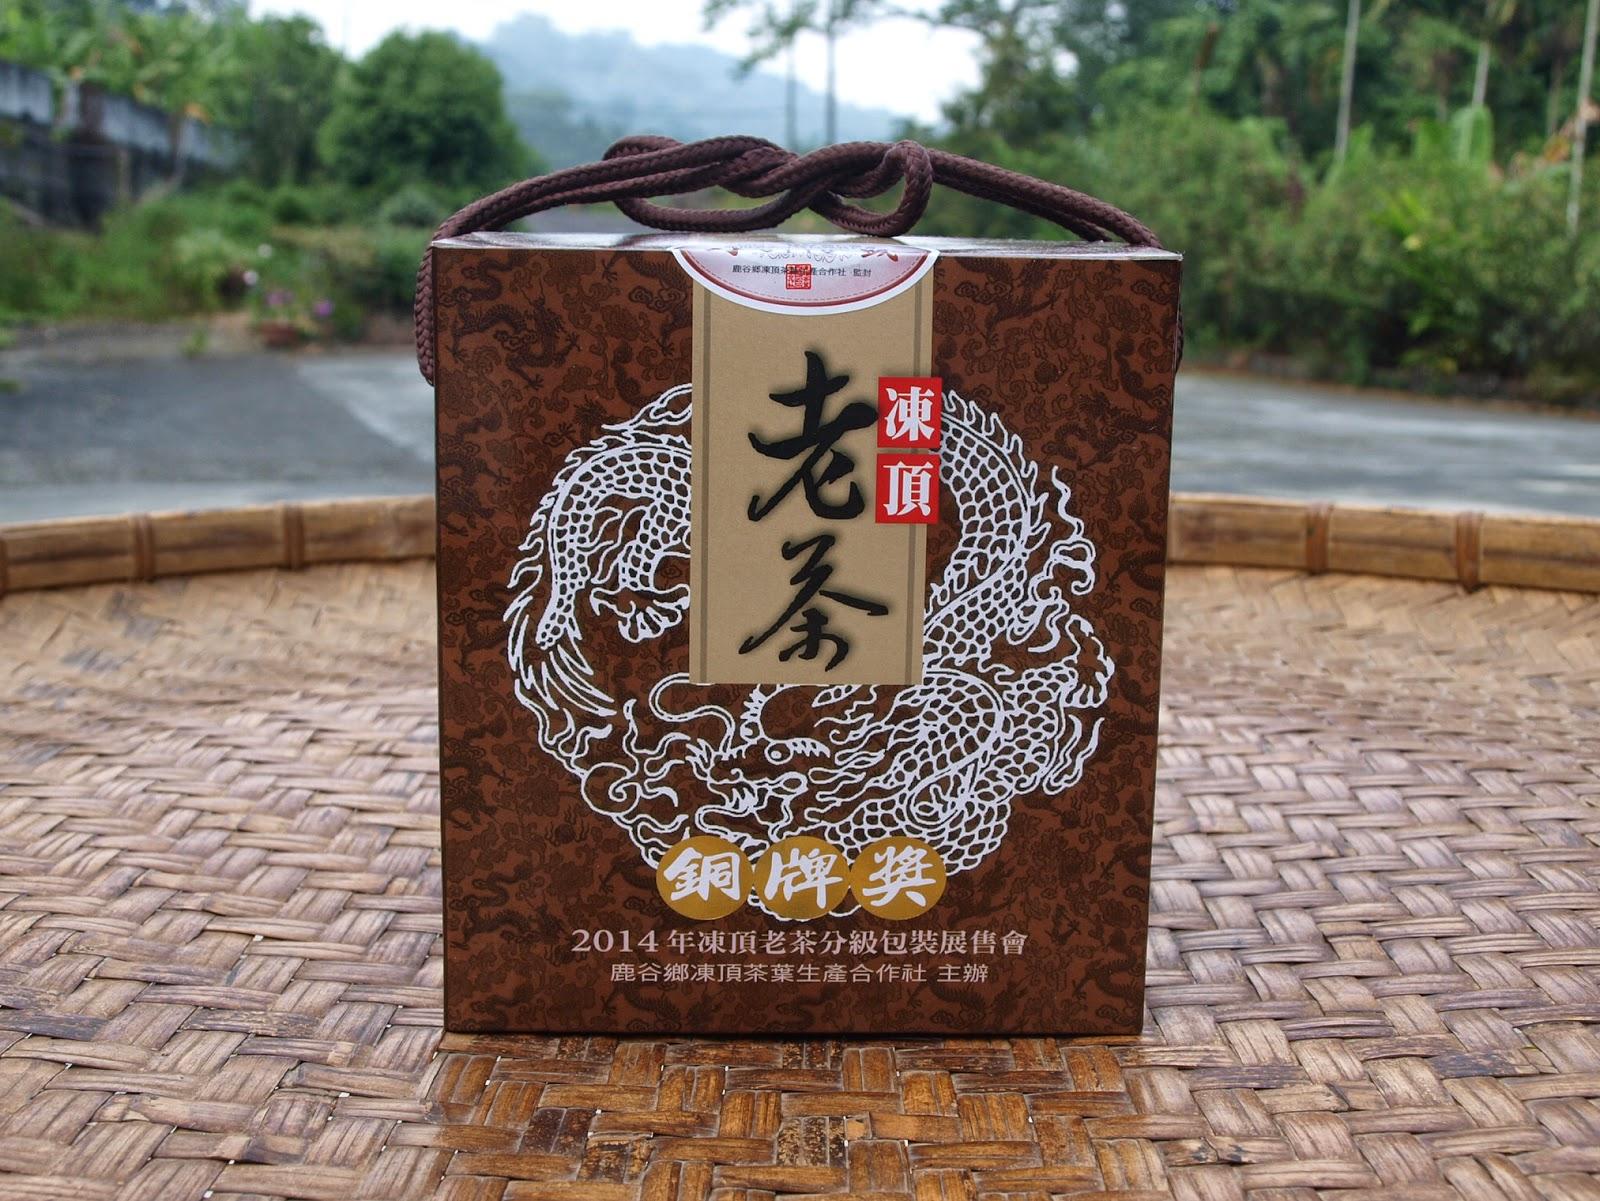 凍頂老茶比賽茶 銅牌獎